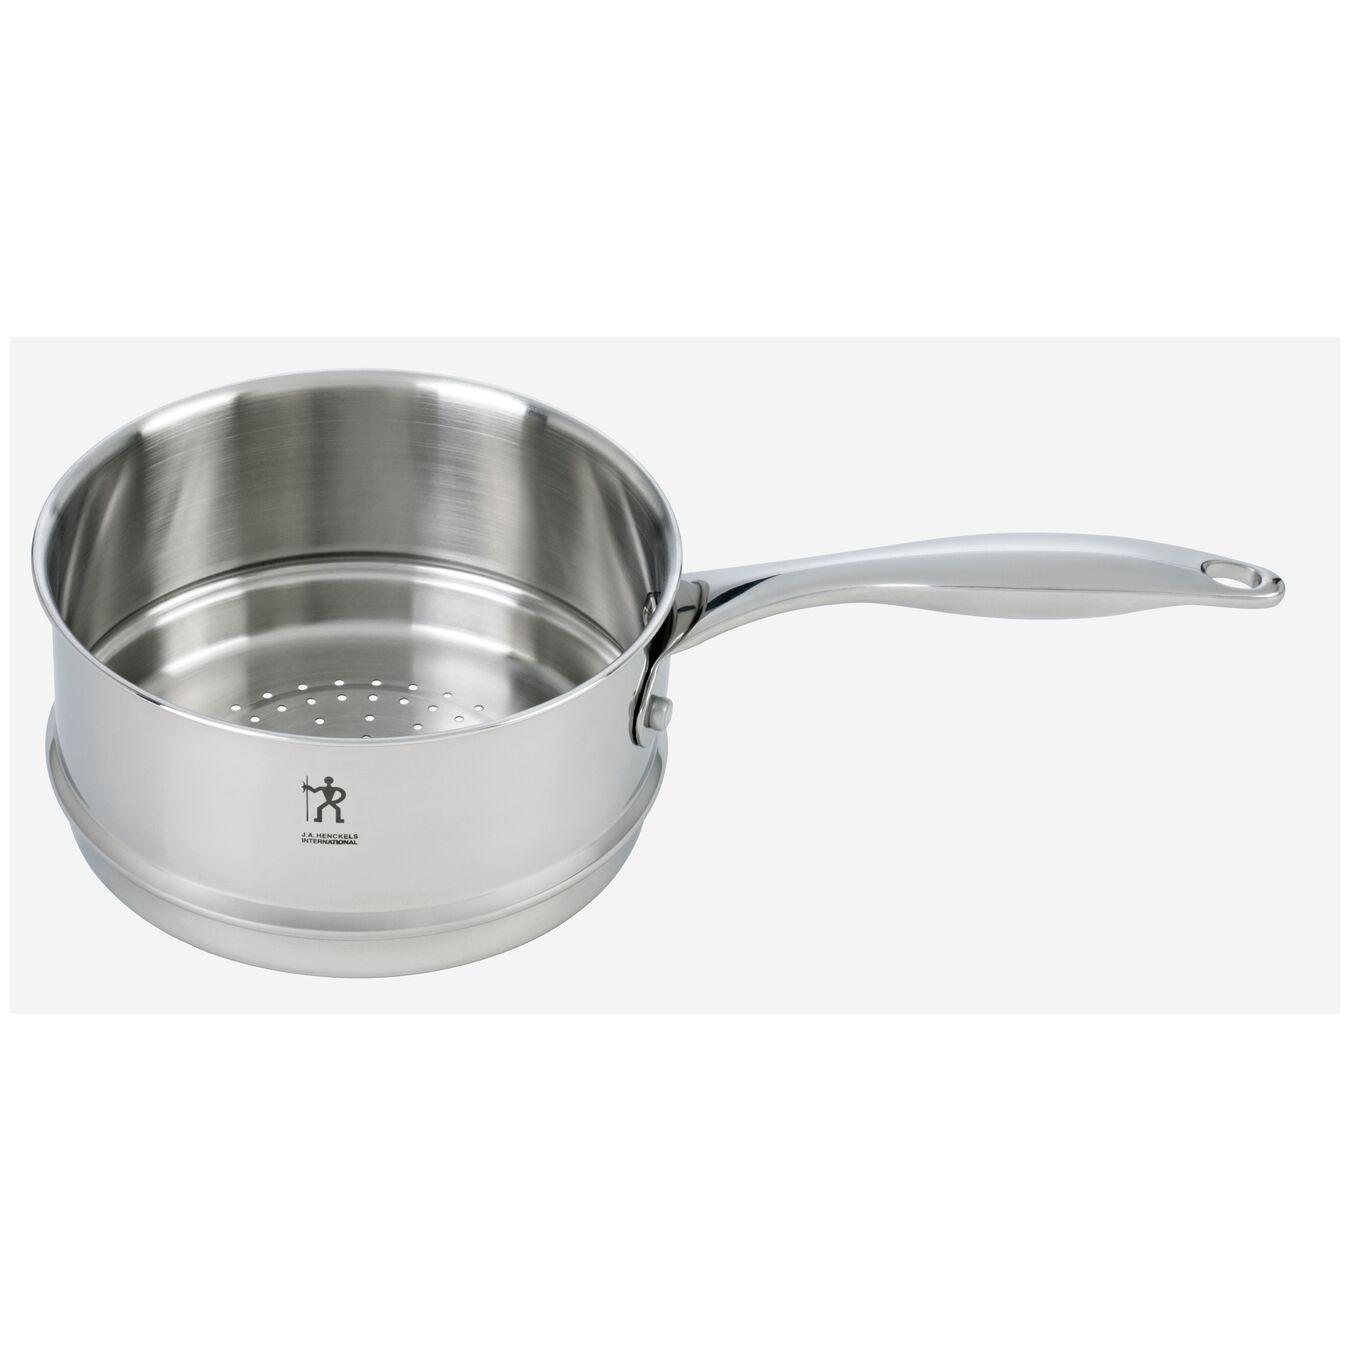 10-pcs 18/10 Stainless Steel Ensemble de casseroles et poêles,,large 5